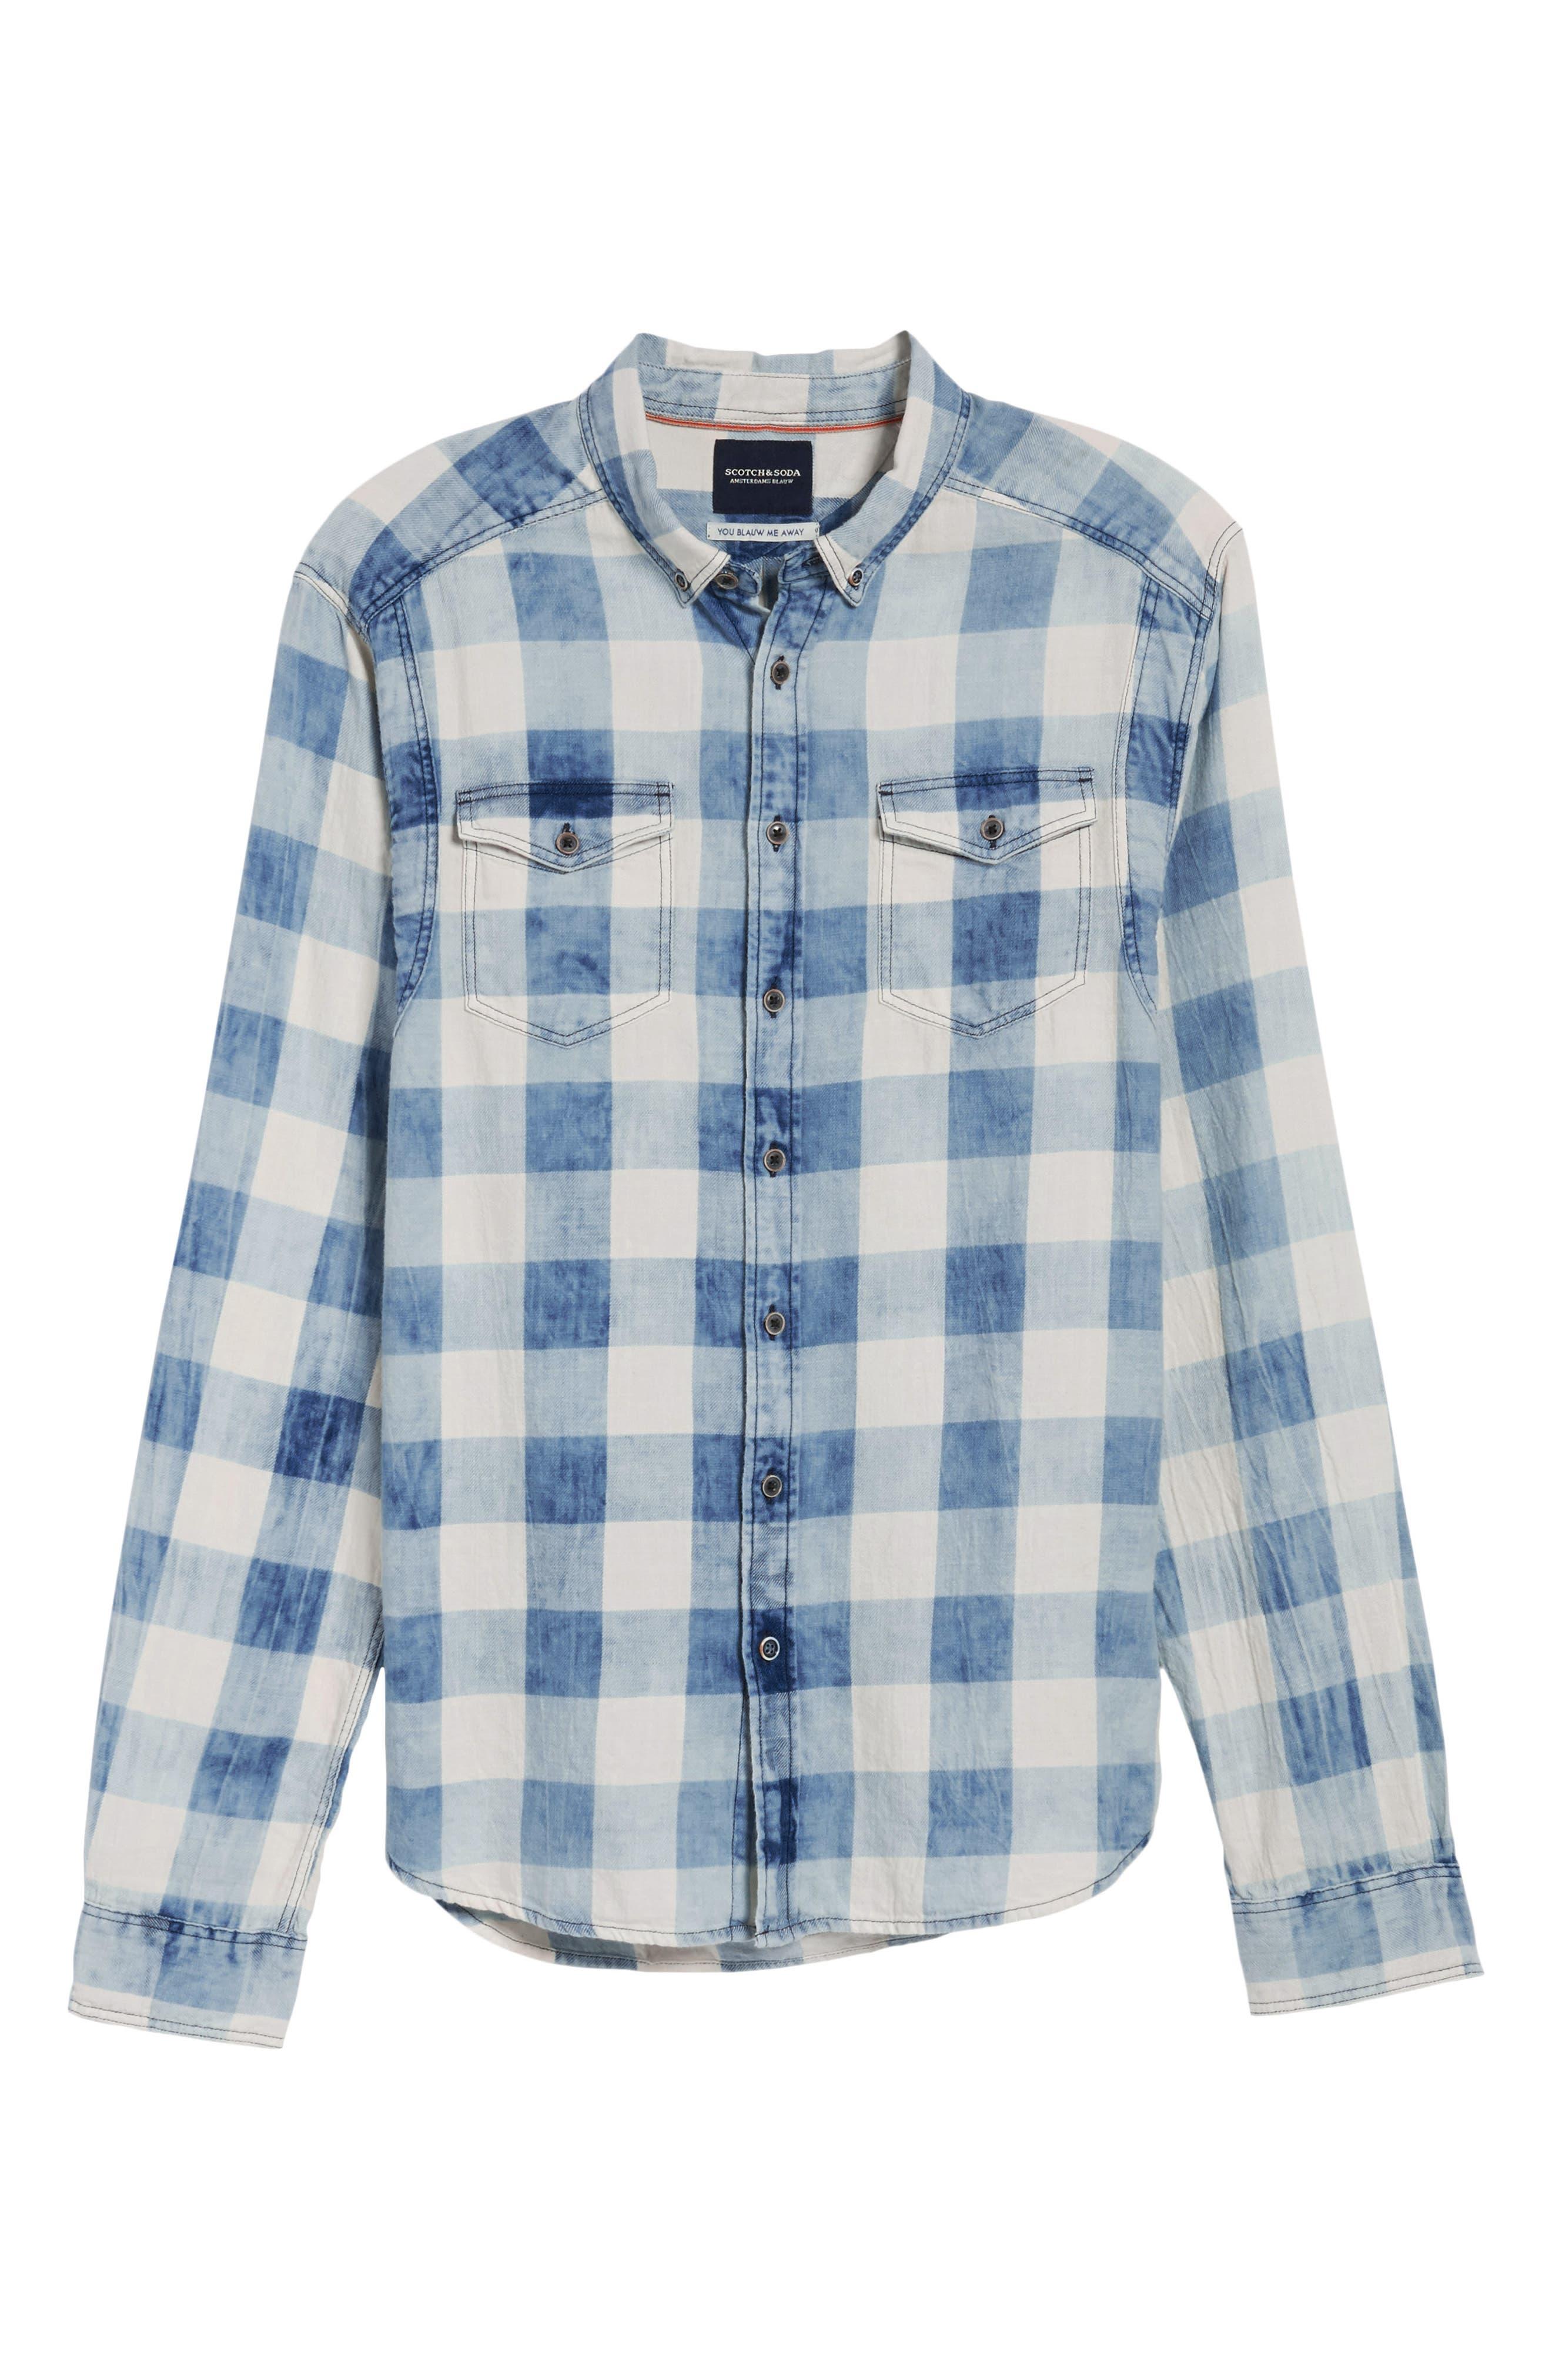 Amsterdams Blauw Check Shirt,                             Alternate thumbnail 6, color,                             400